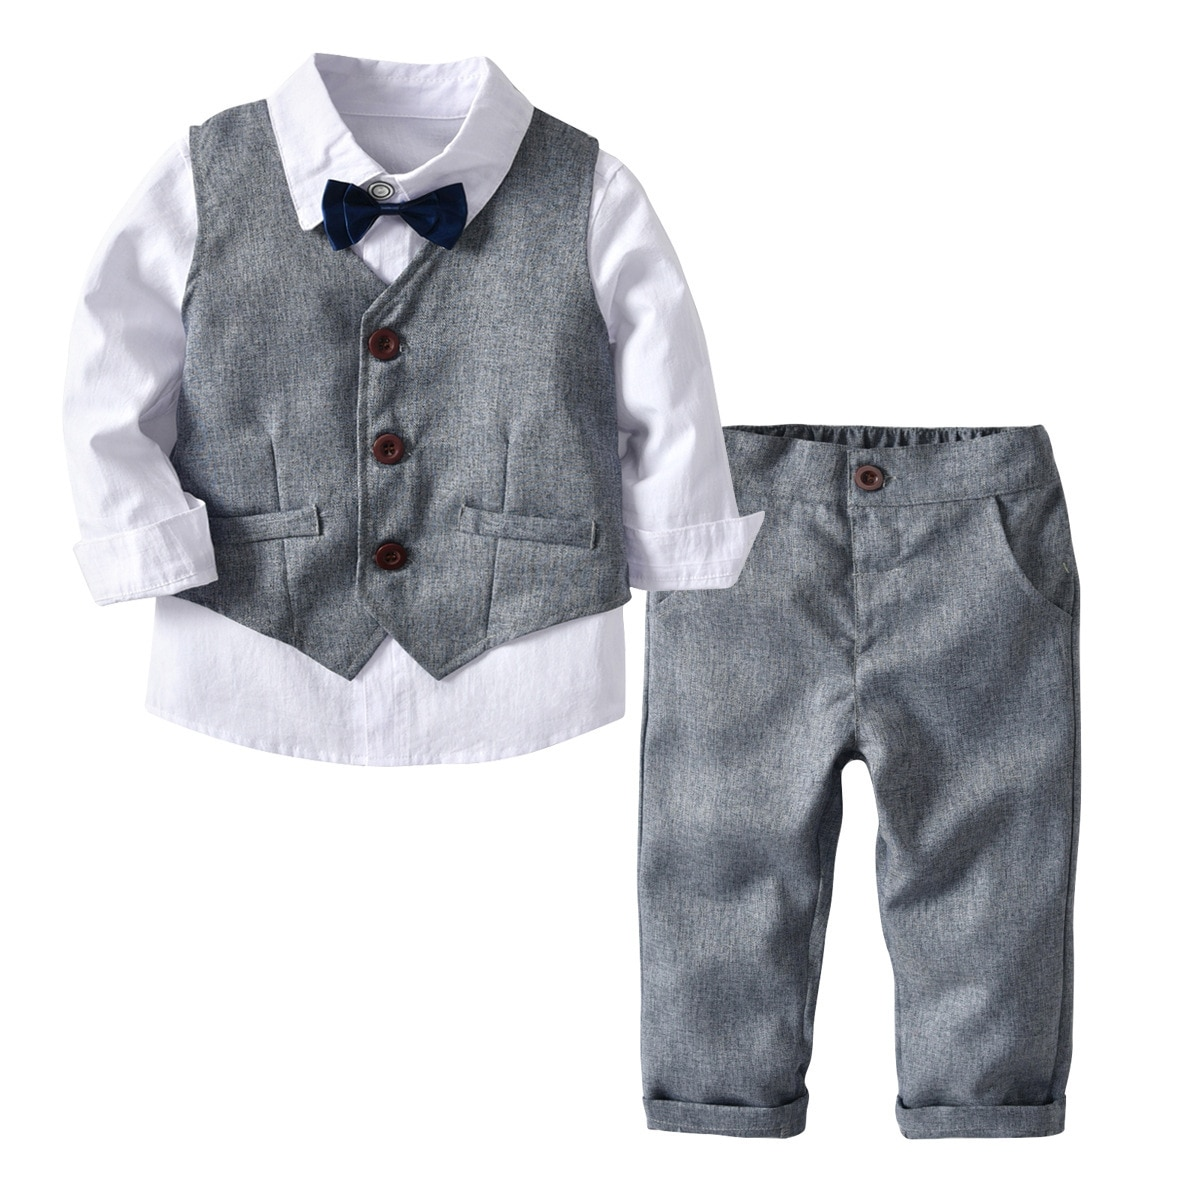 Niños 4 piezas traje camisa de moda con chaleco Arco y pantalones trajes niños conjuntos traje de algodón infantil ropa de bebé niño